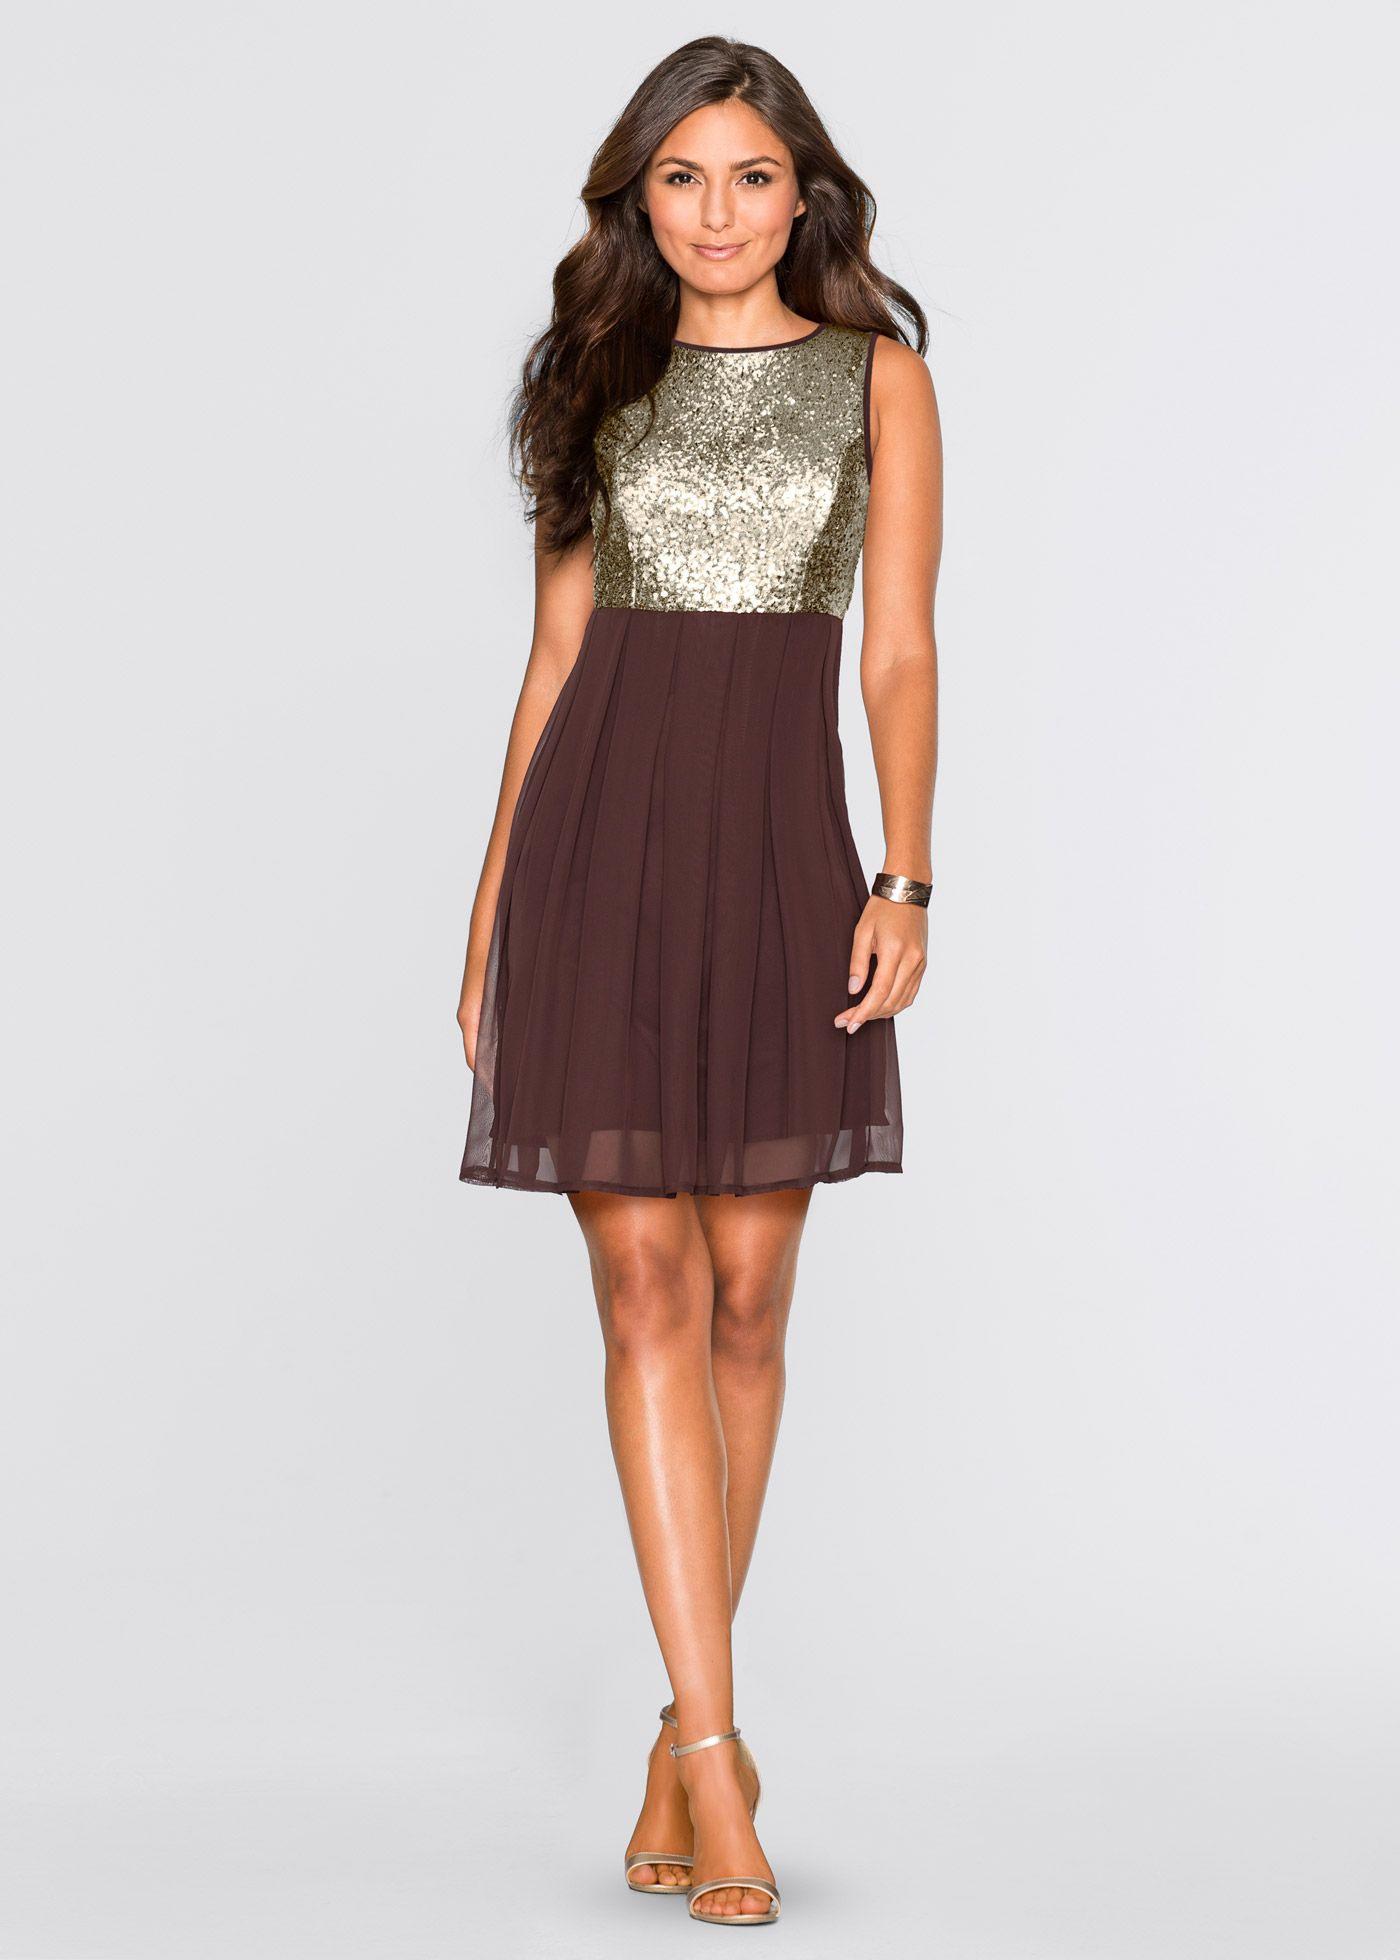 Bonprix Online Shop Festliche Kleider  Stylische Kleider